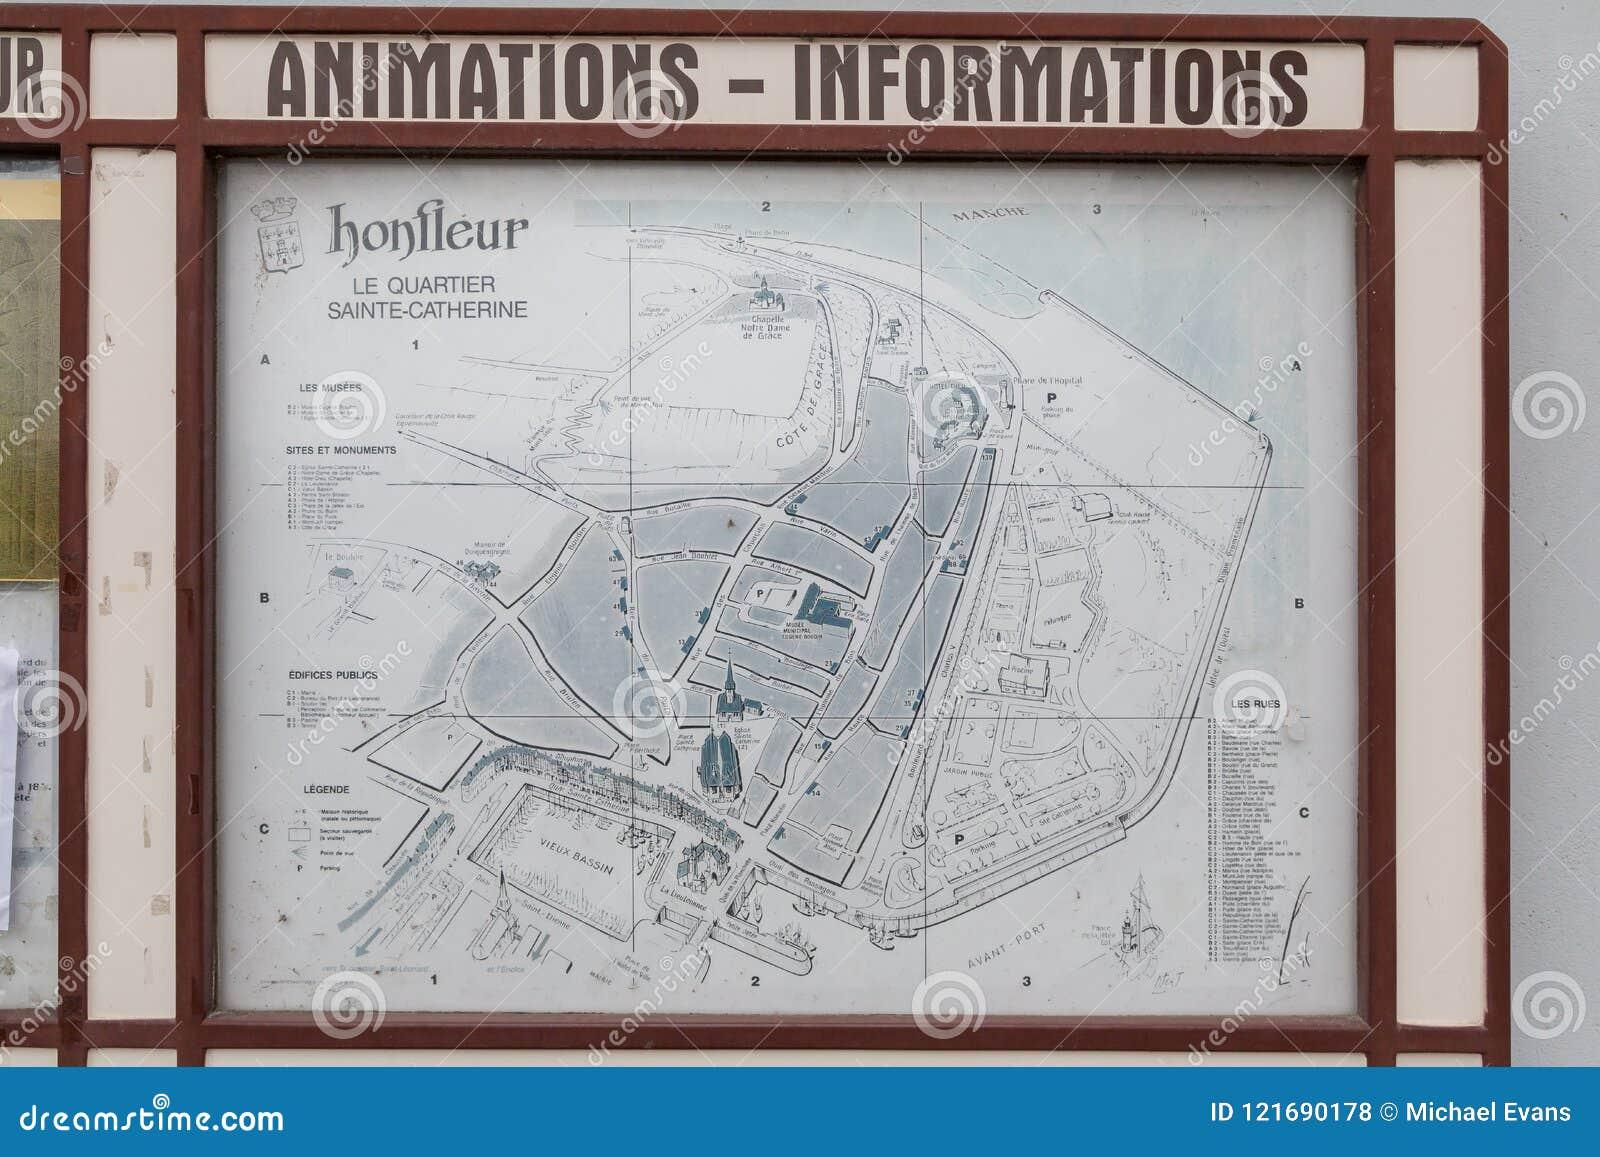 Honfleur Normandië mag 4de 2013: Een kaart van de oude stad van Honfleur in Normandië